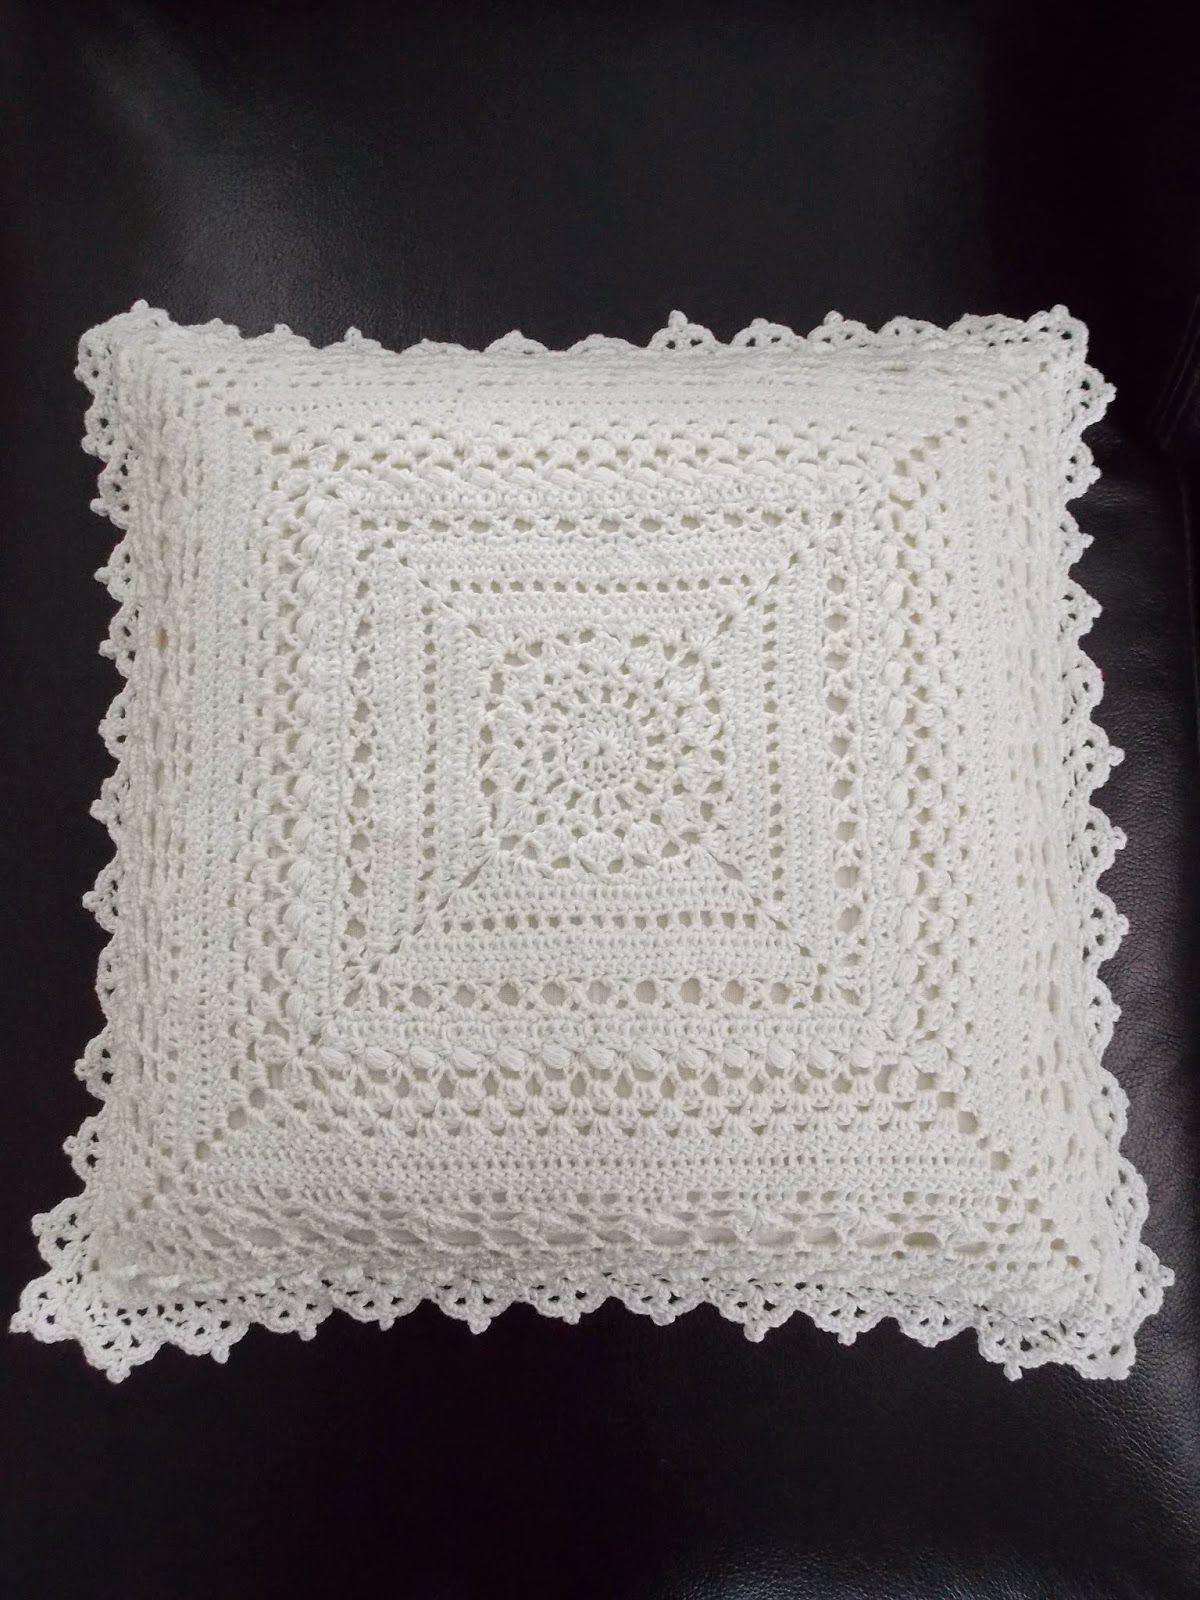 DSCN4883.JPG 1,200×1,600 pixeles | crochet | Pinterest | Ganchillo ...